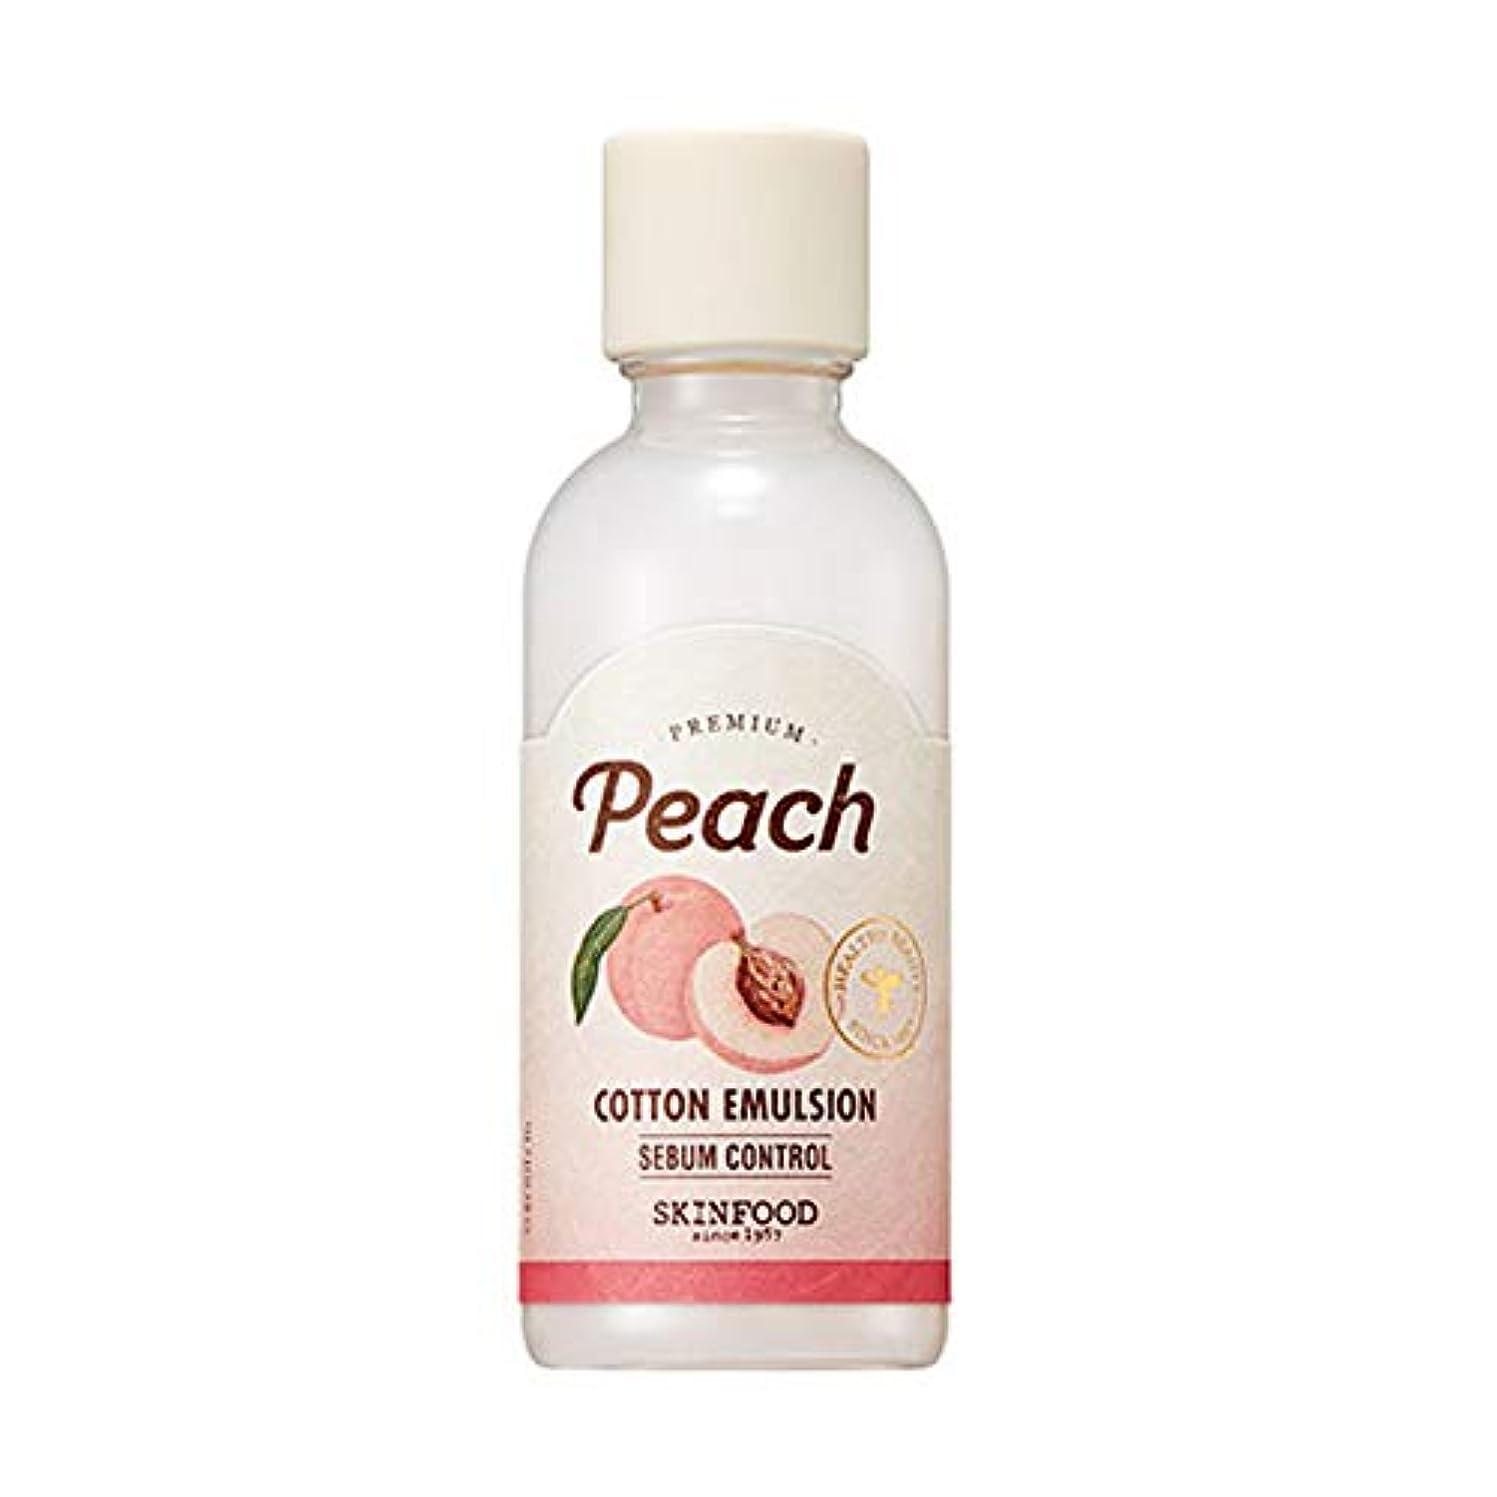 ミニチュアエンドウ繁栄するSkinfood プレミアムピーチコットンエマルジョン/Premium Peach Cotton Emulsion 160ml [並行輸入品]